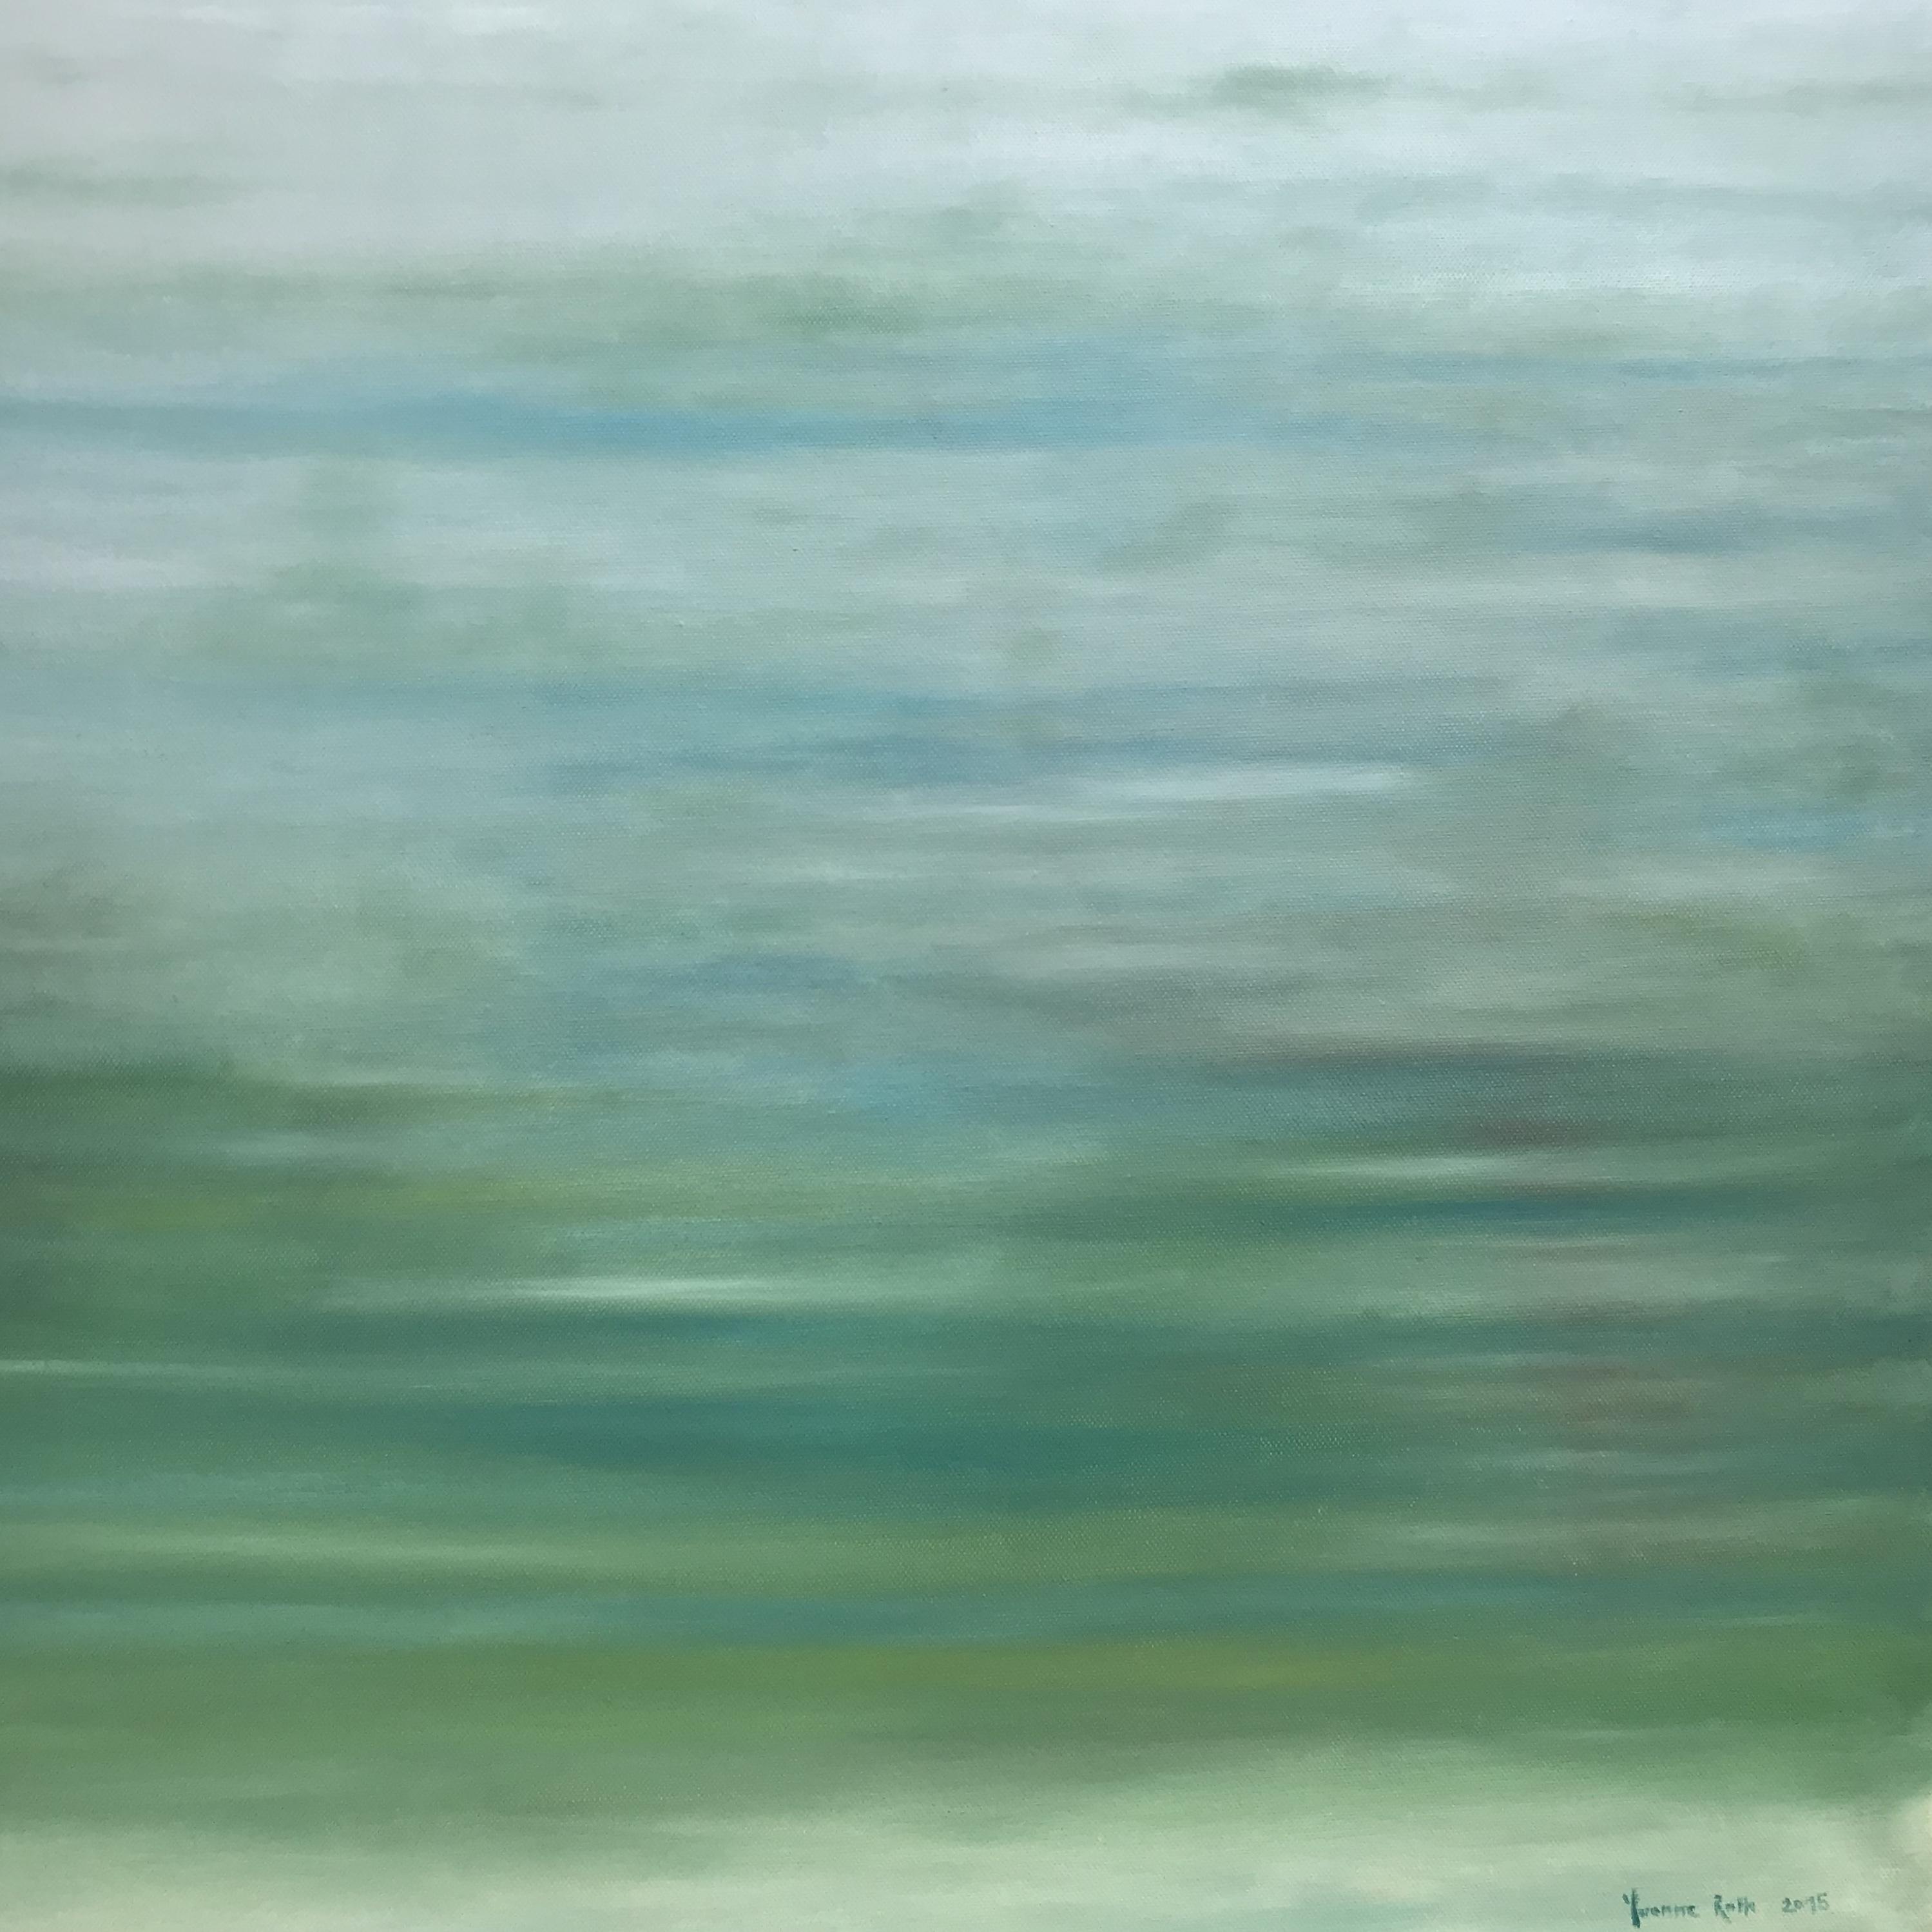 Maremma: Schattierungen im Meer